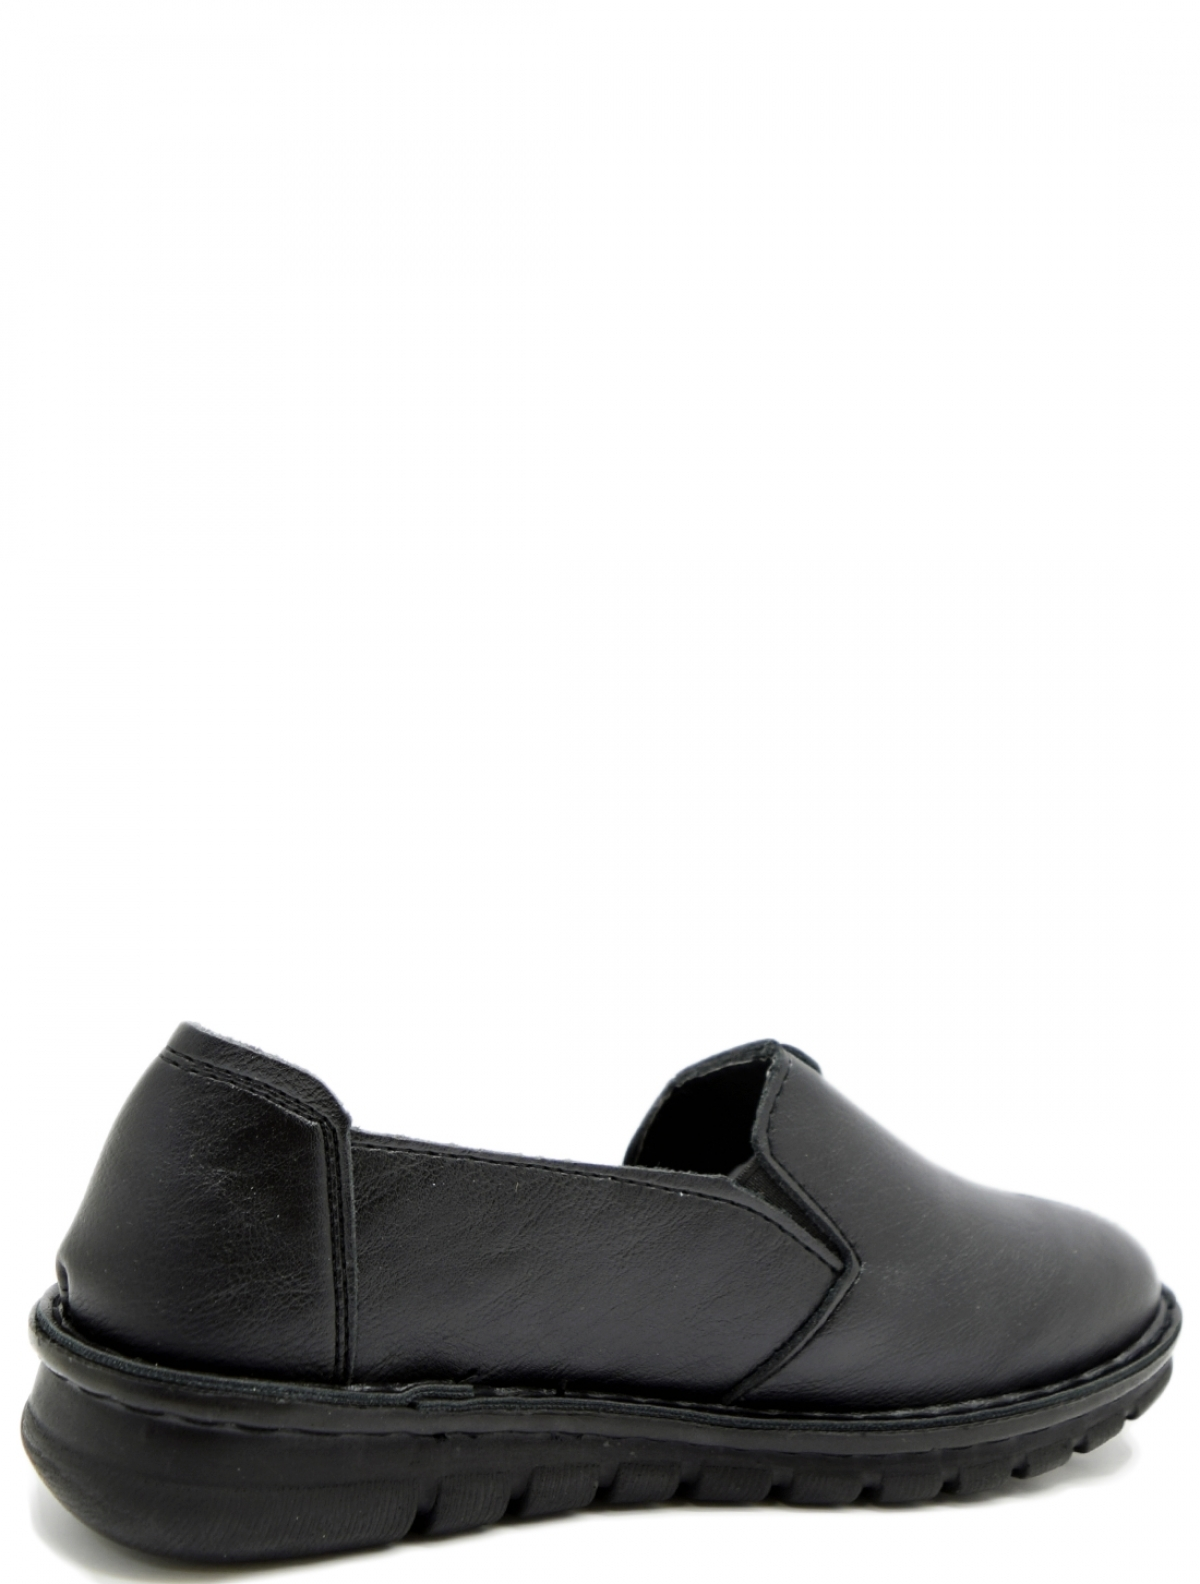 A-Antonina D23-1 женские туфли